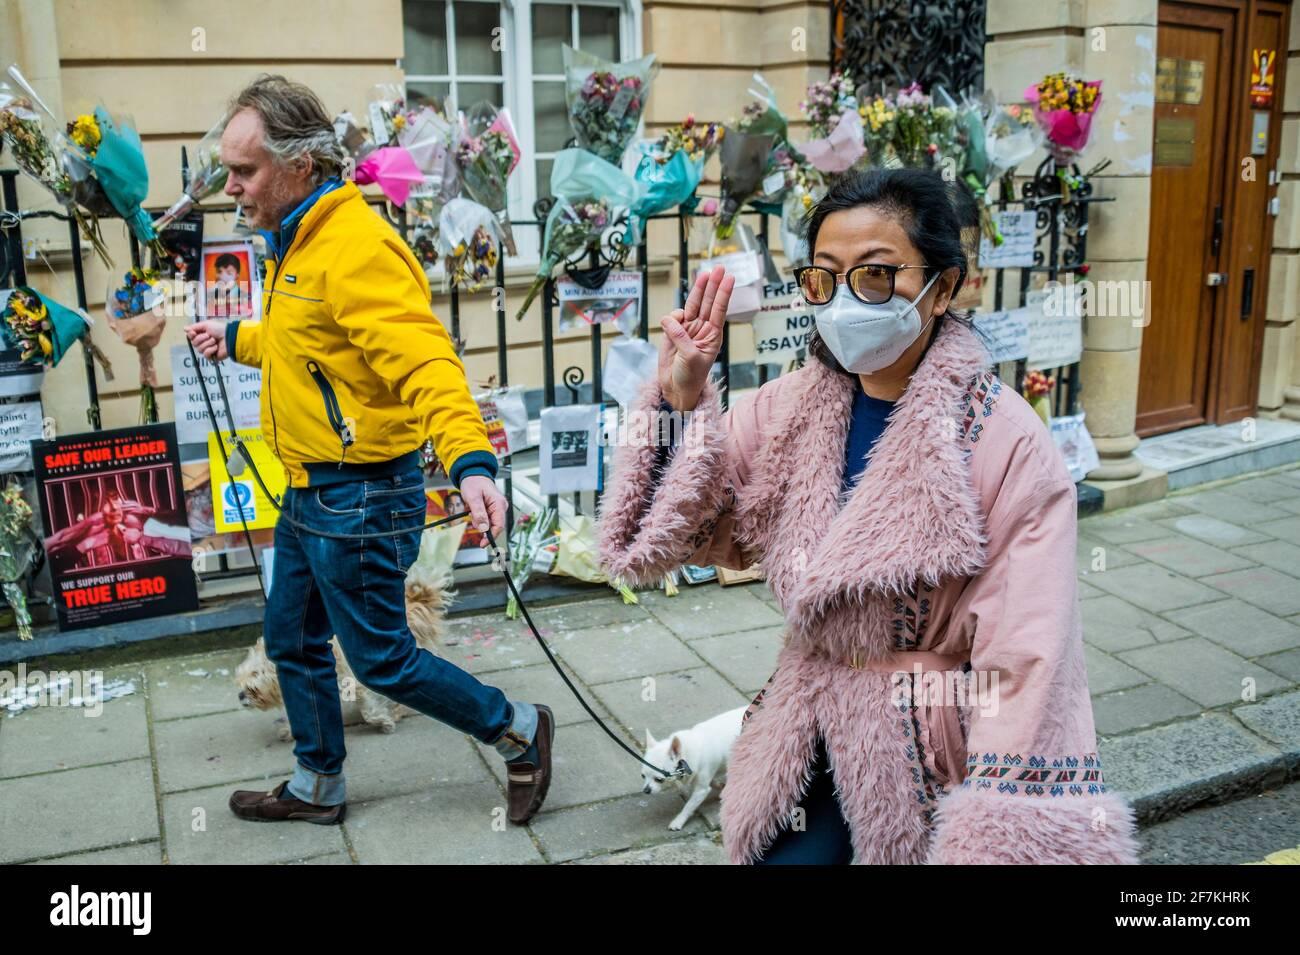 London, Großbritannien. April 2021. Die Demonstranten gingen nach, nachdem Botschafter Kyaw zwar Minn (der im vergangenen Monat die Reihen der Militärjunta seines Landes brach) den Zugang zur Botschaft in Mayfair, London, verweigert hatte. Die Demonstranten fordern außerdem, dass das Militär von Myanmar/Burma die demokratische Regierung nach ihrem Putsch wieder einführt und fordern die britische Regierung um Hilfe auf. Kredit: Guy Bell/Alamy Live Nachrichten Stockfoto